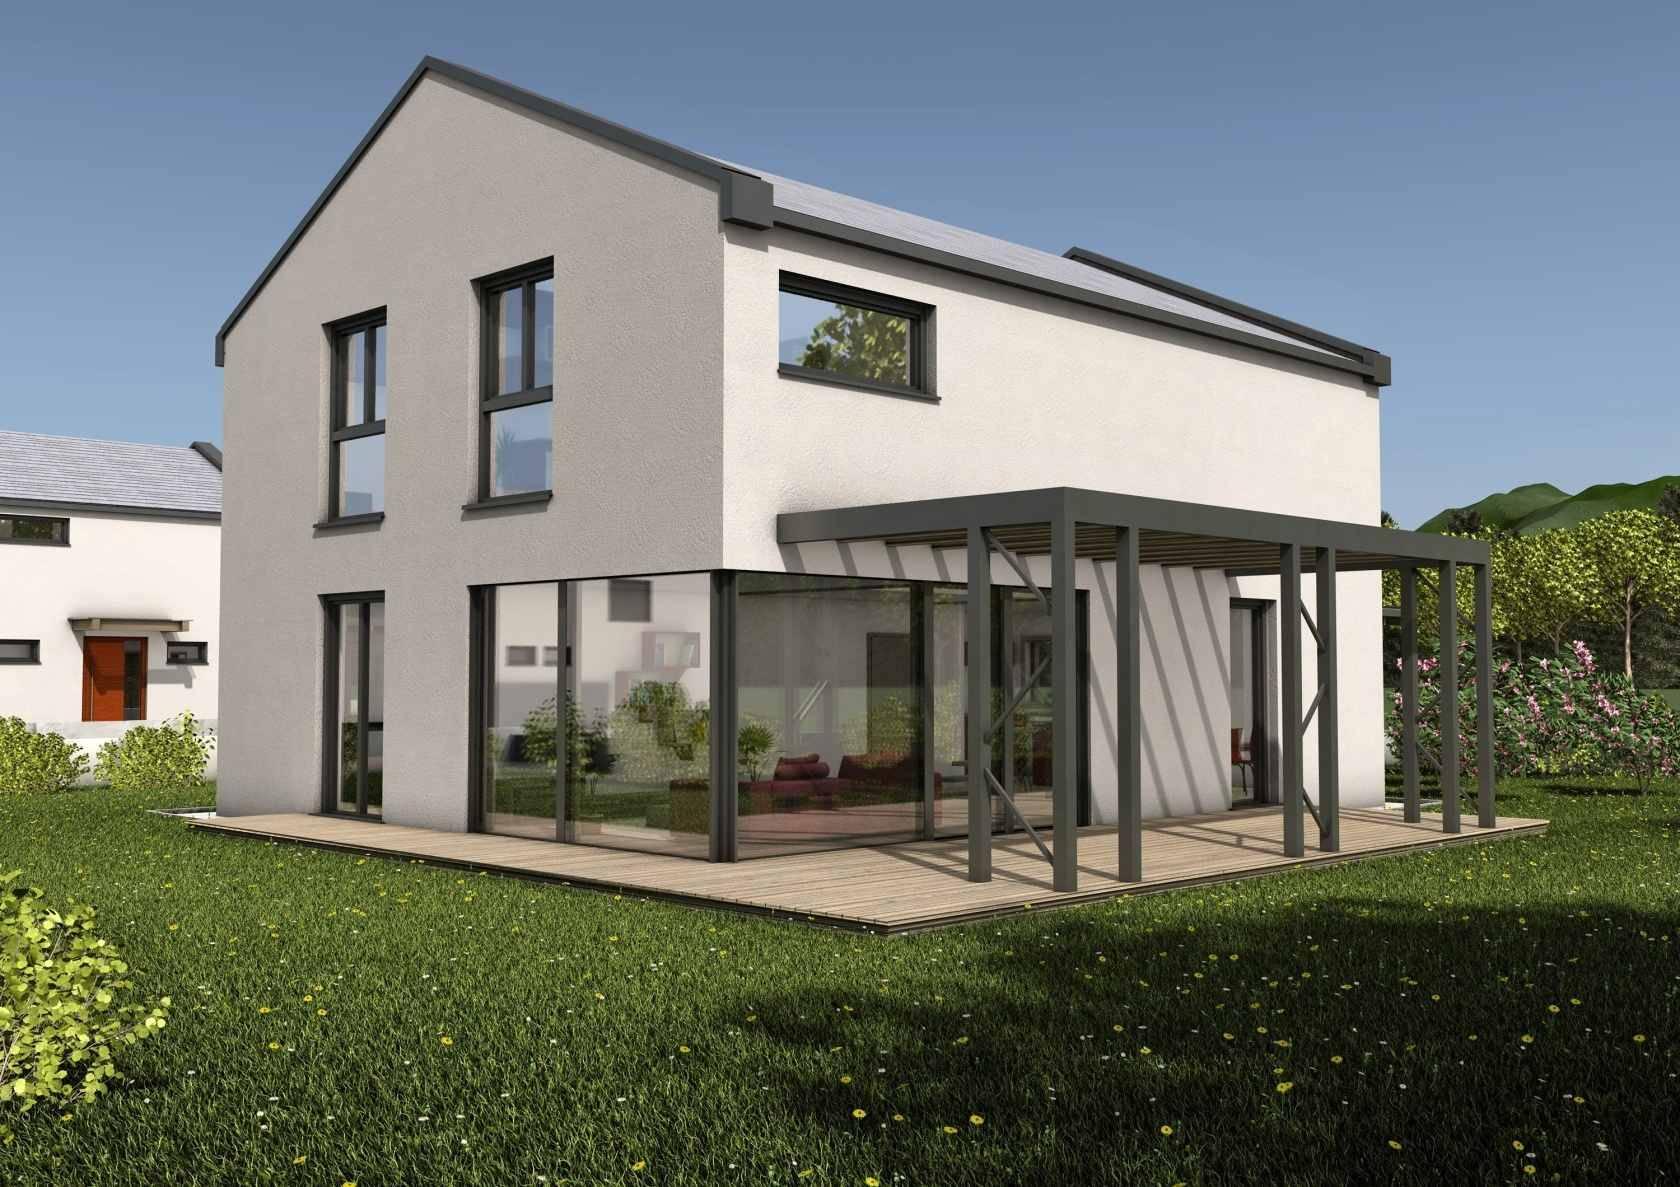 modernes haus bauen lassen fertighaus glas